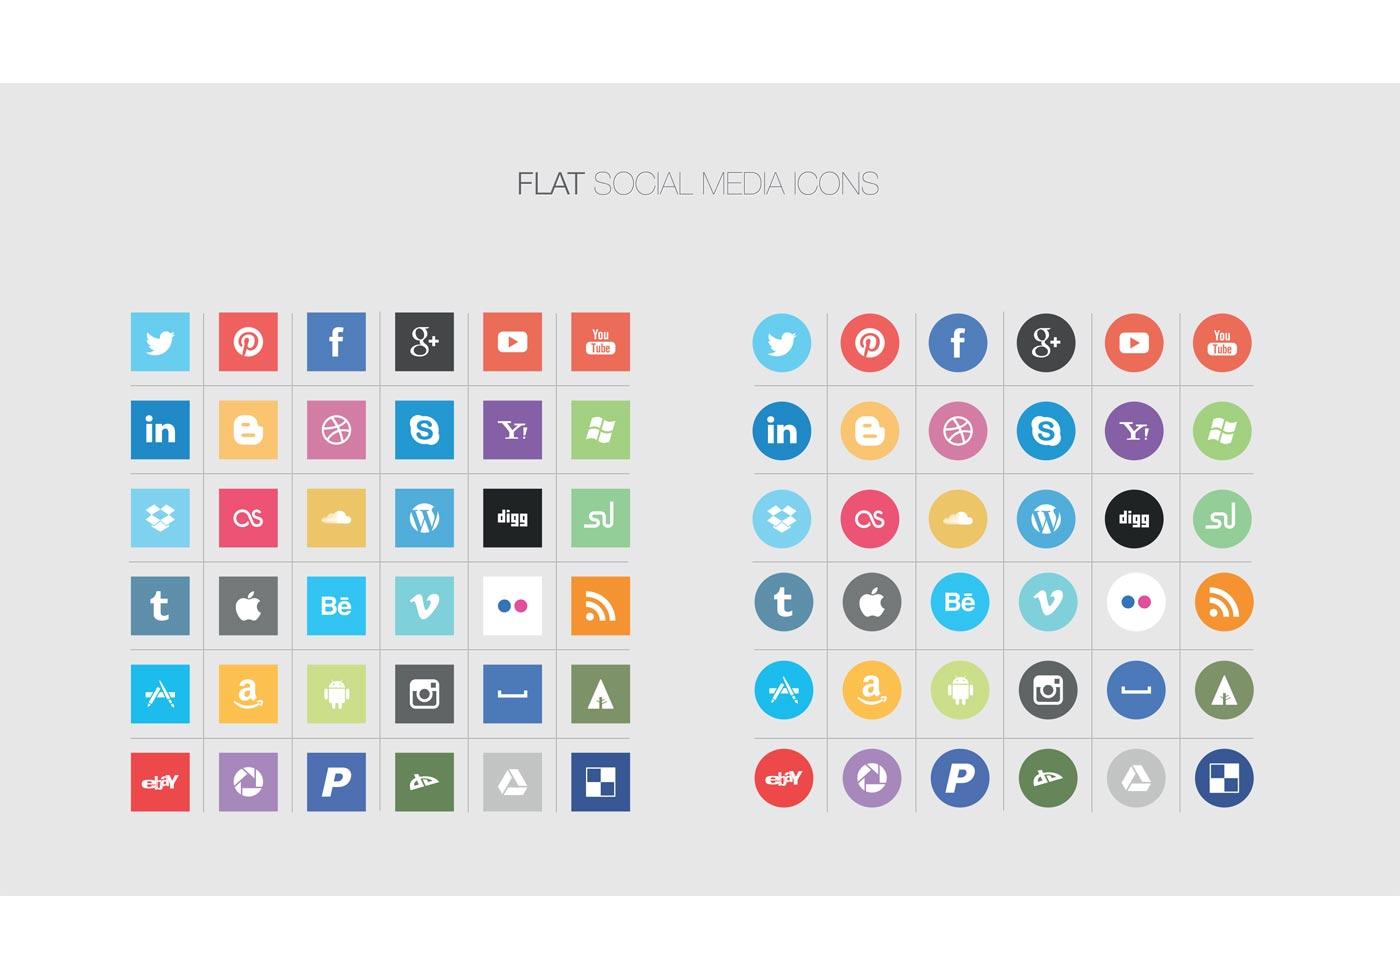 flat-social-media-icon-vectors.jpg